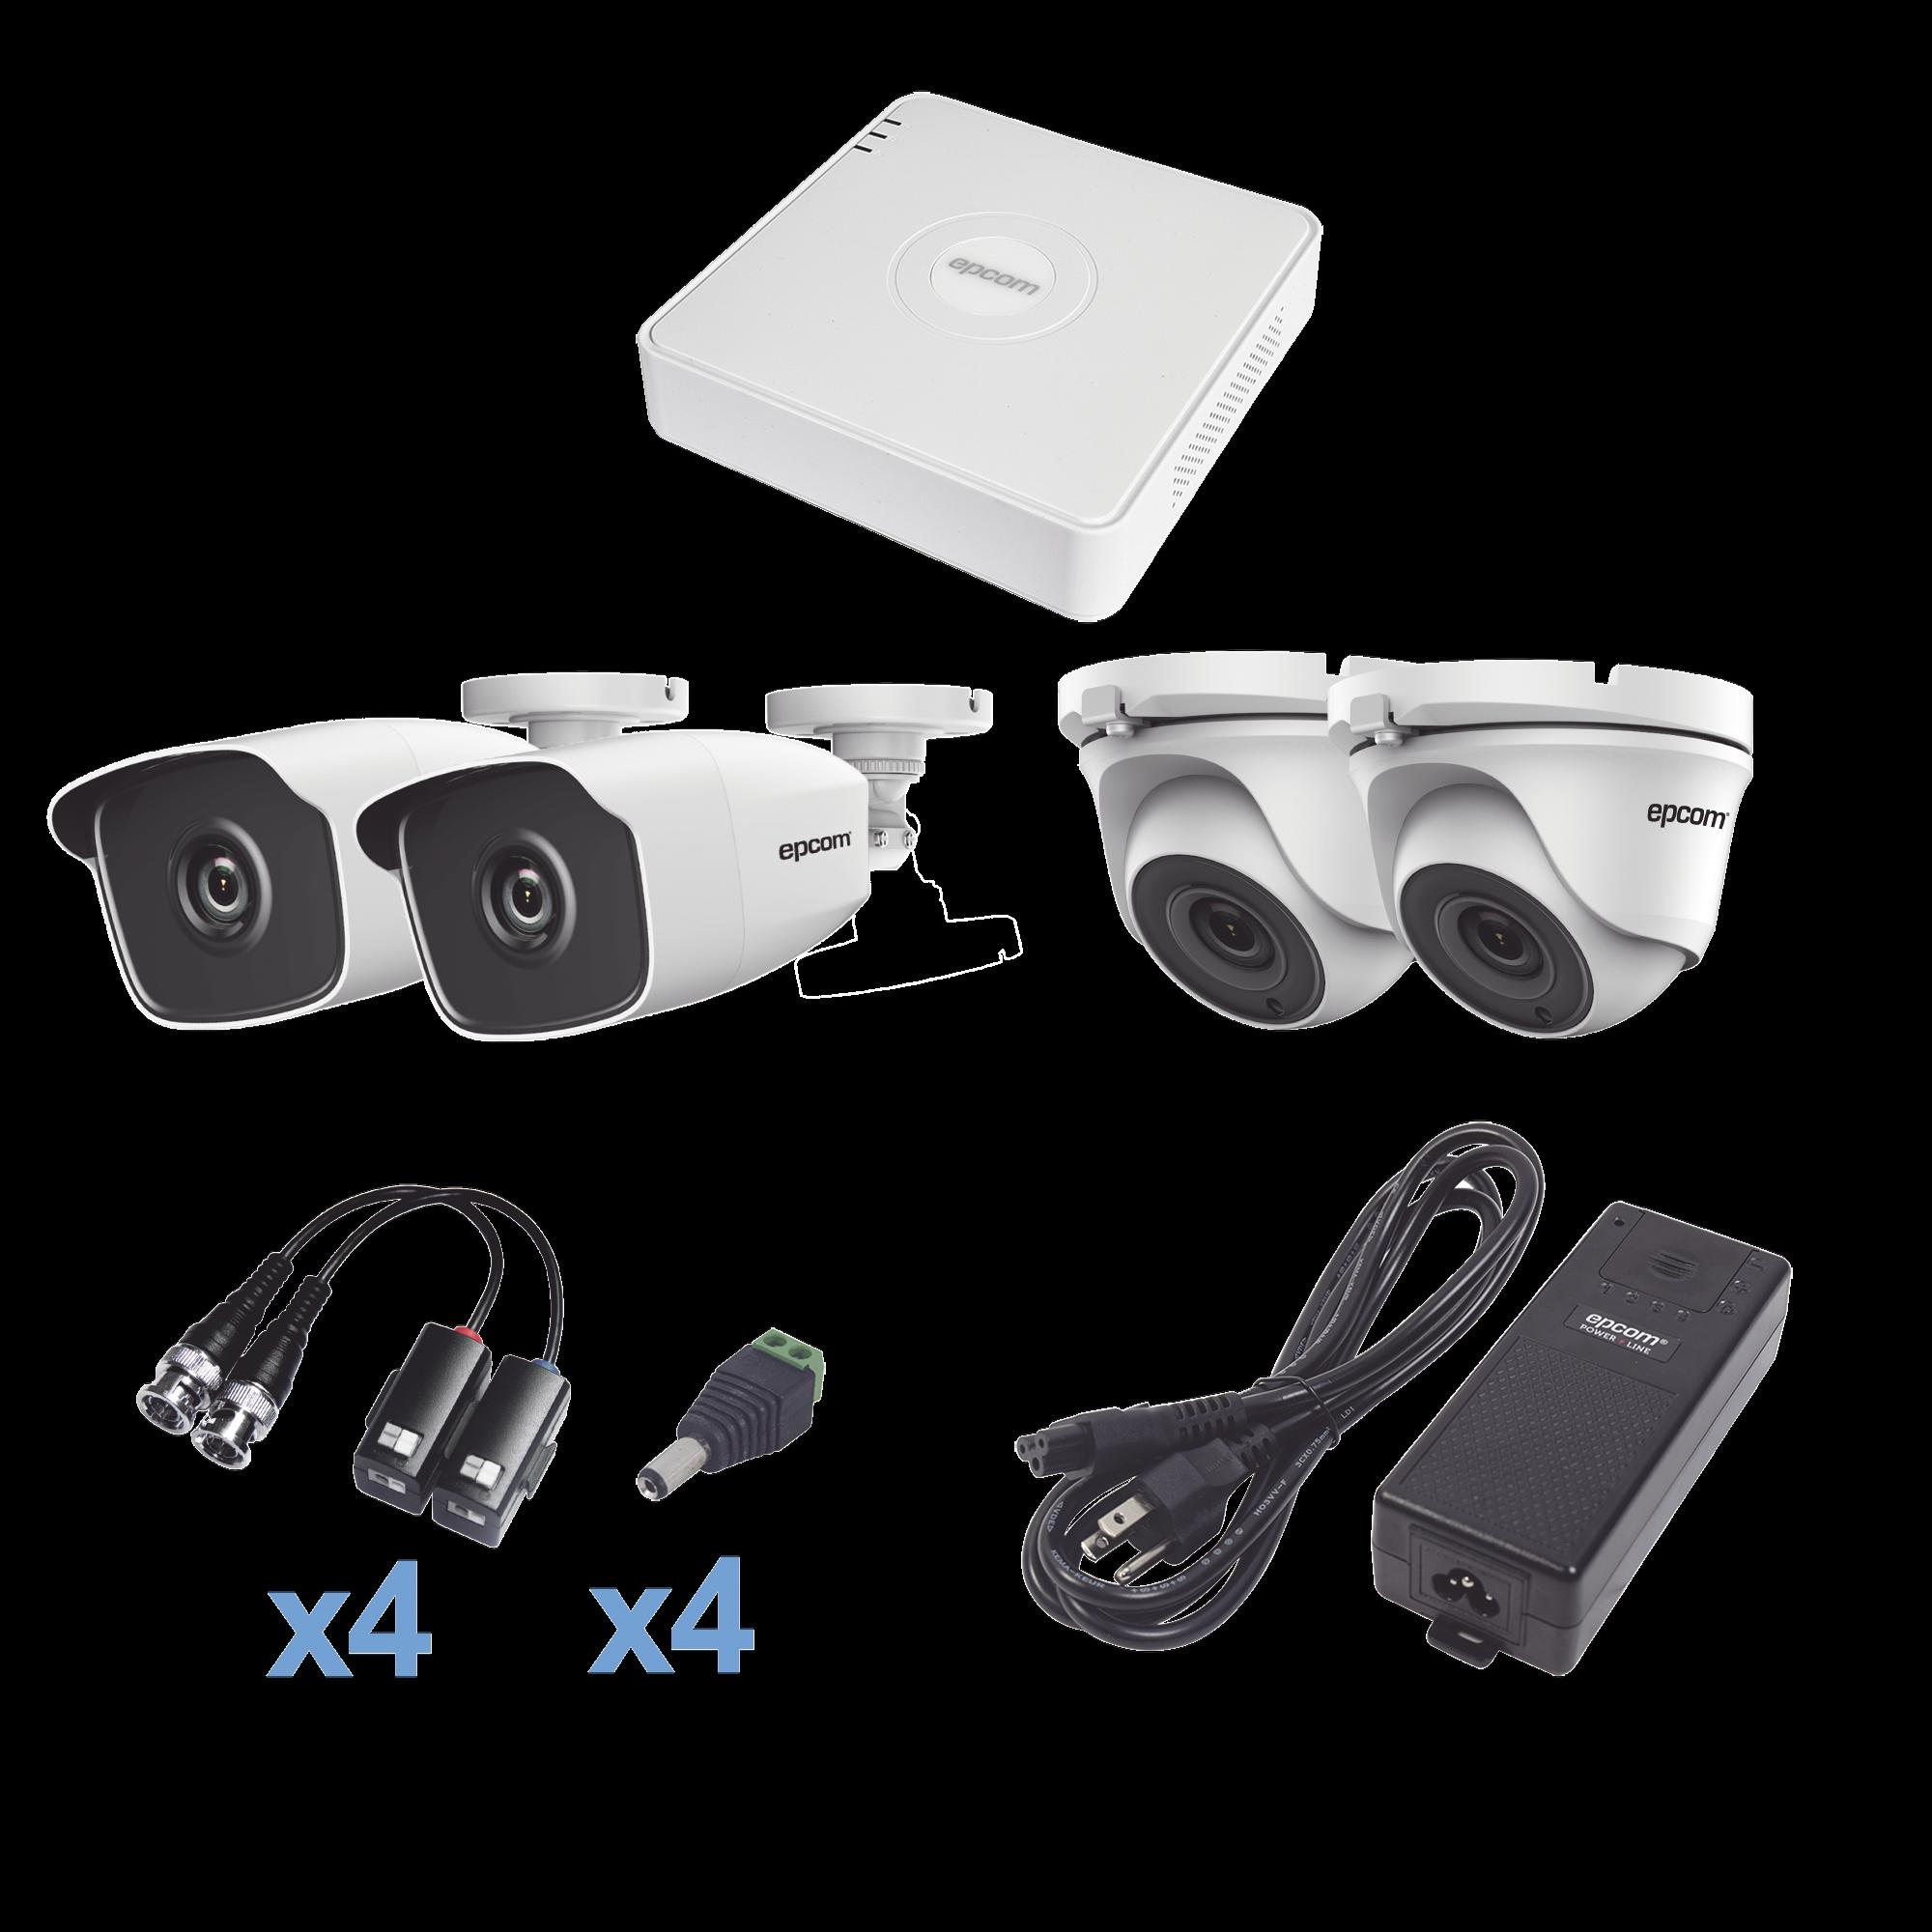 Sistema TURBOHD 720p / DVR 4 Canales / 2 Cámaras Bala (exterior 2.8 mm) / 2 Cámaras Eyeball (exterior 2.8 mm) / Transceptores / Conectores / Fuente de Poder Profesional